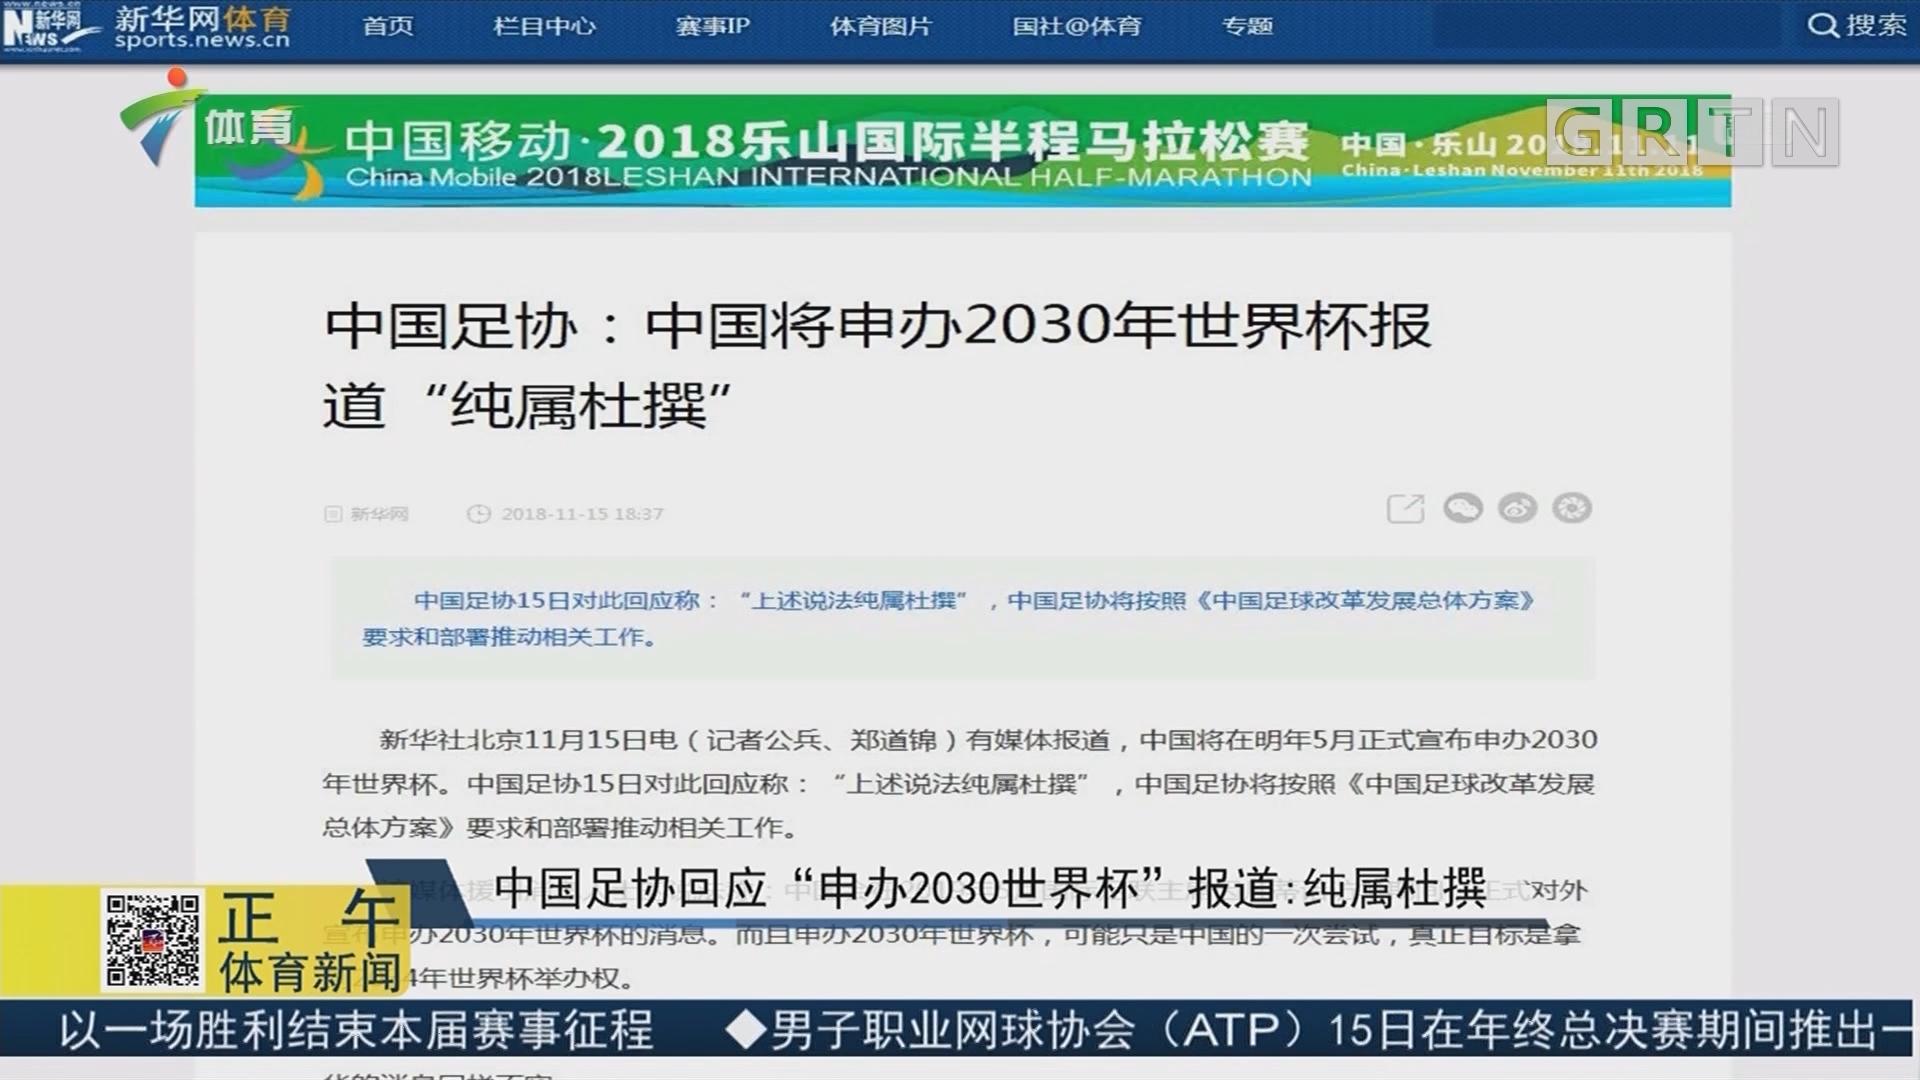 """中国足协回应""""申办2030年世界杯""""报道:纯属杜撰"""